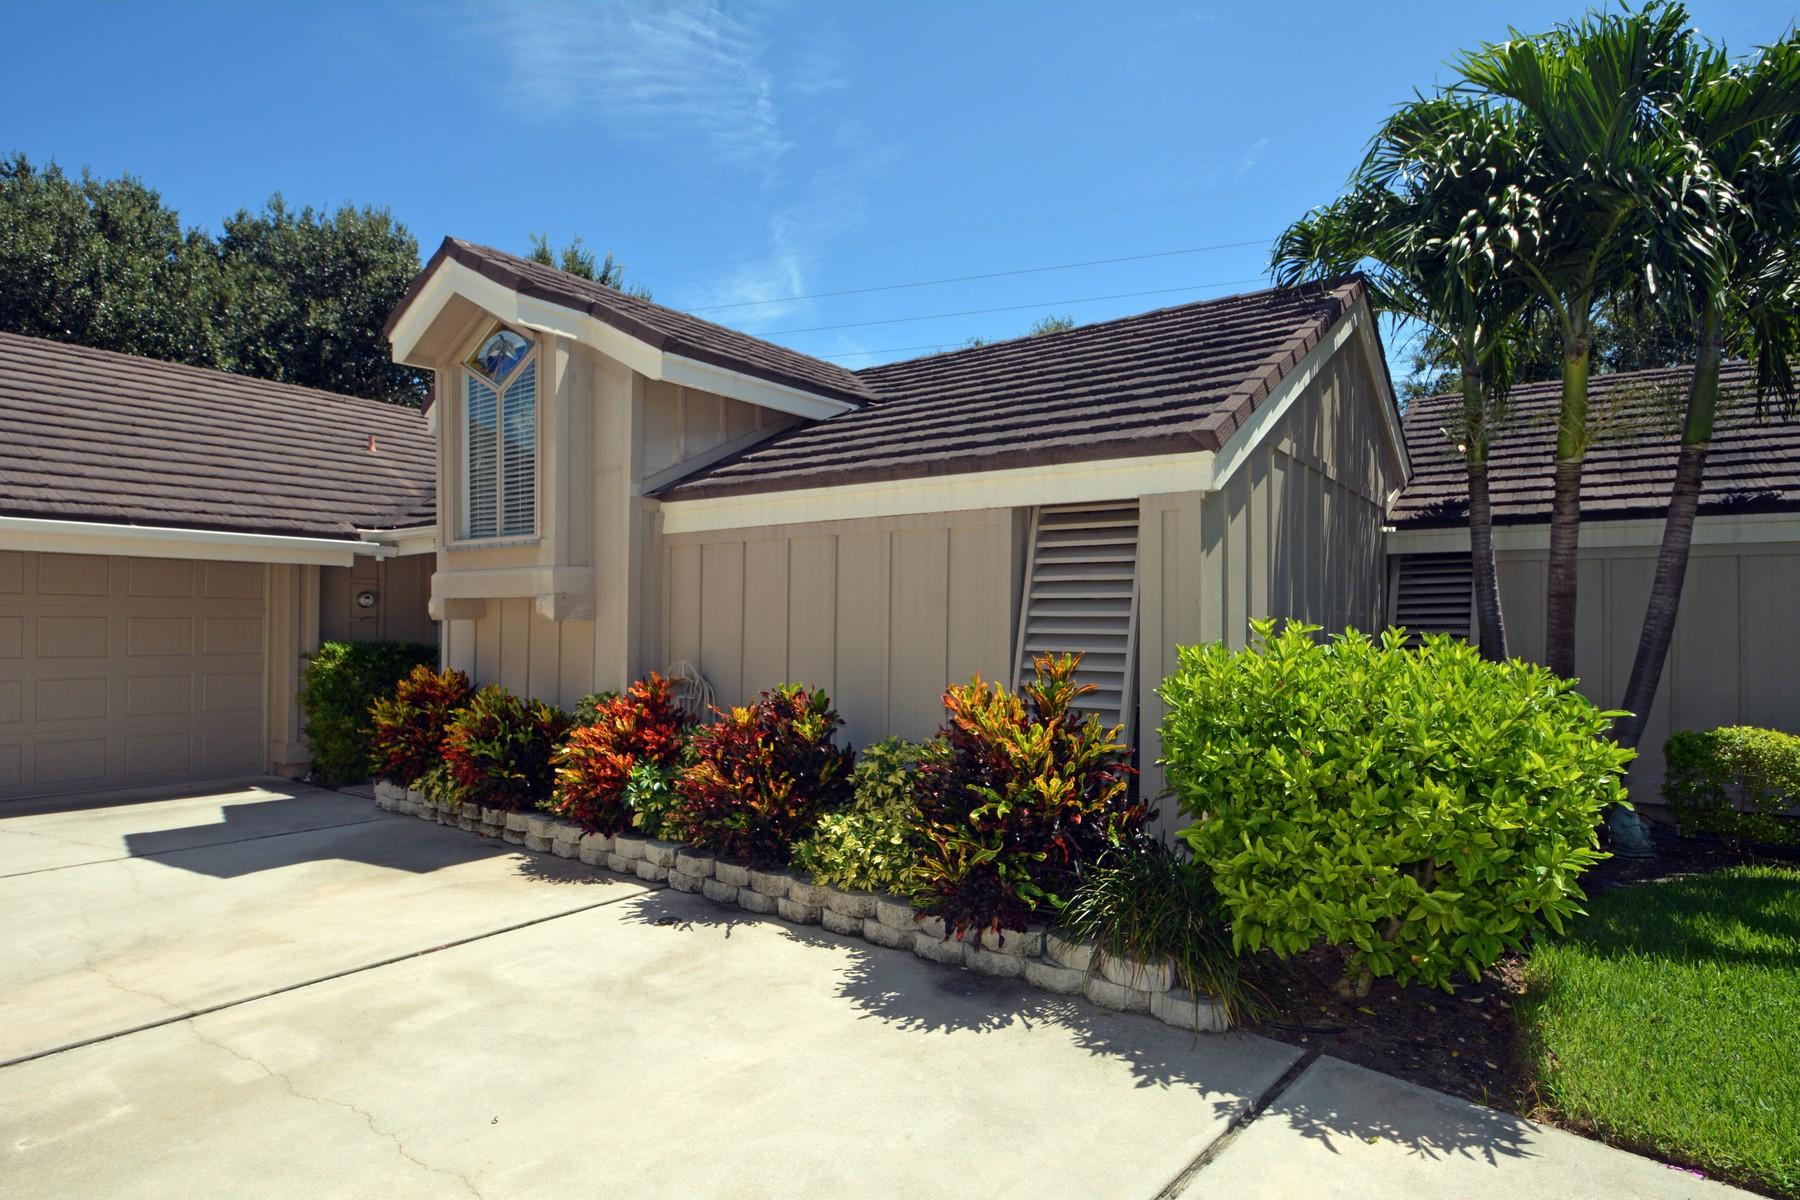 Maison unifamiliale pour l Vente à Fabulous Villa with Boat Slip on the River! 5101 Highway A1A #5 Vero Beach, Florida, 32963 États-Unis